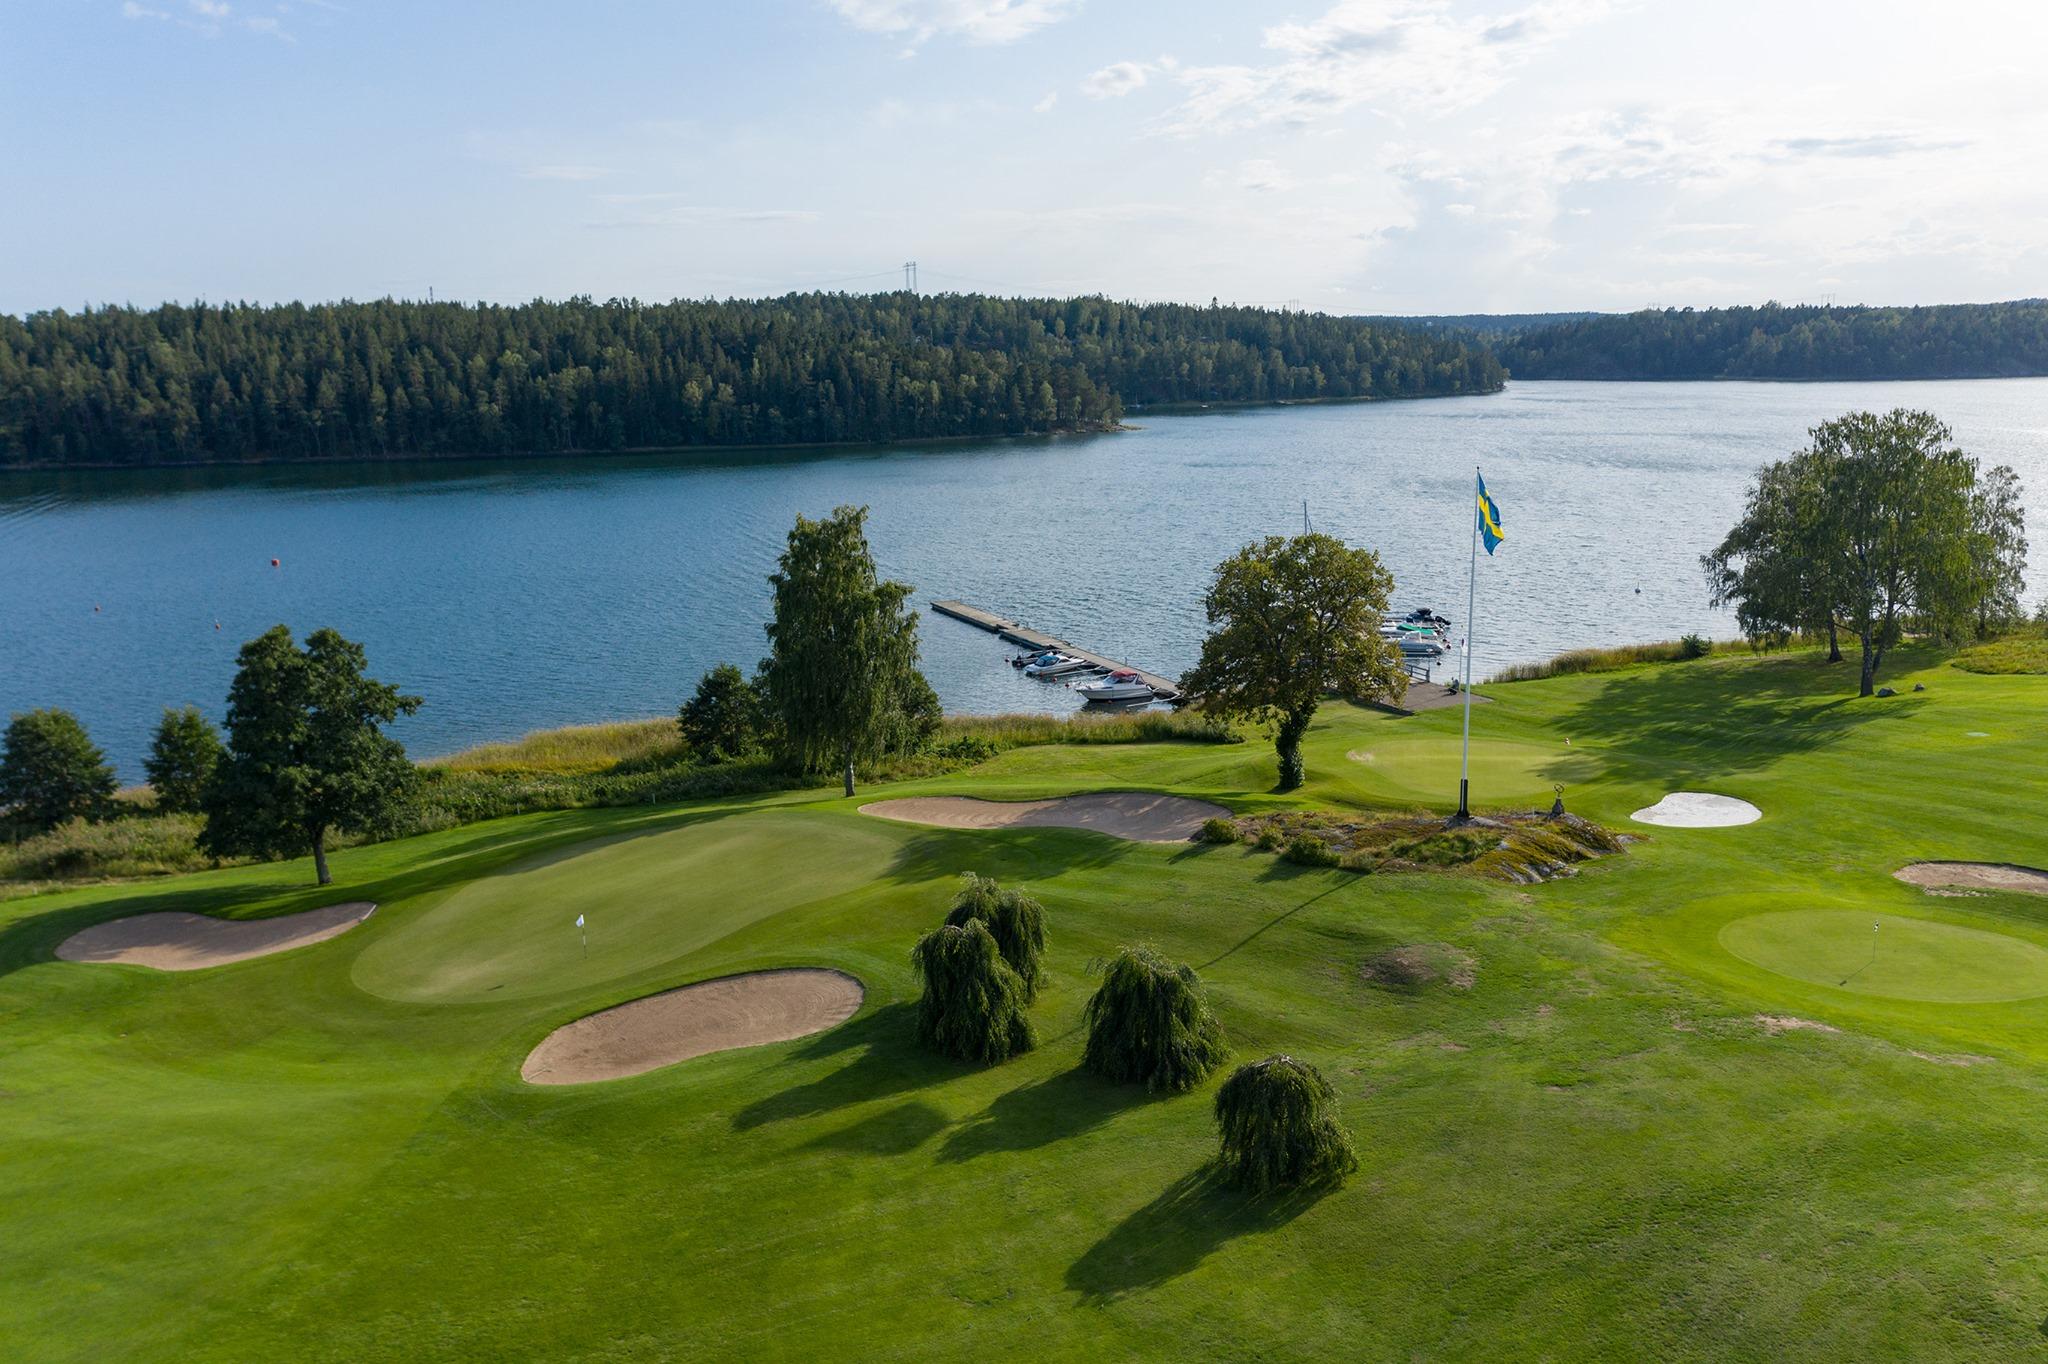 golfbana vid vattnet wermdö golfklubb